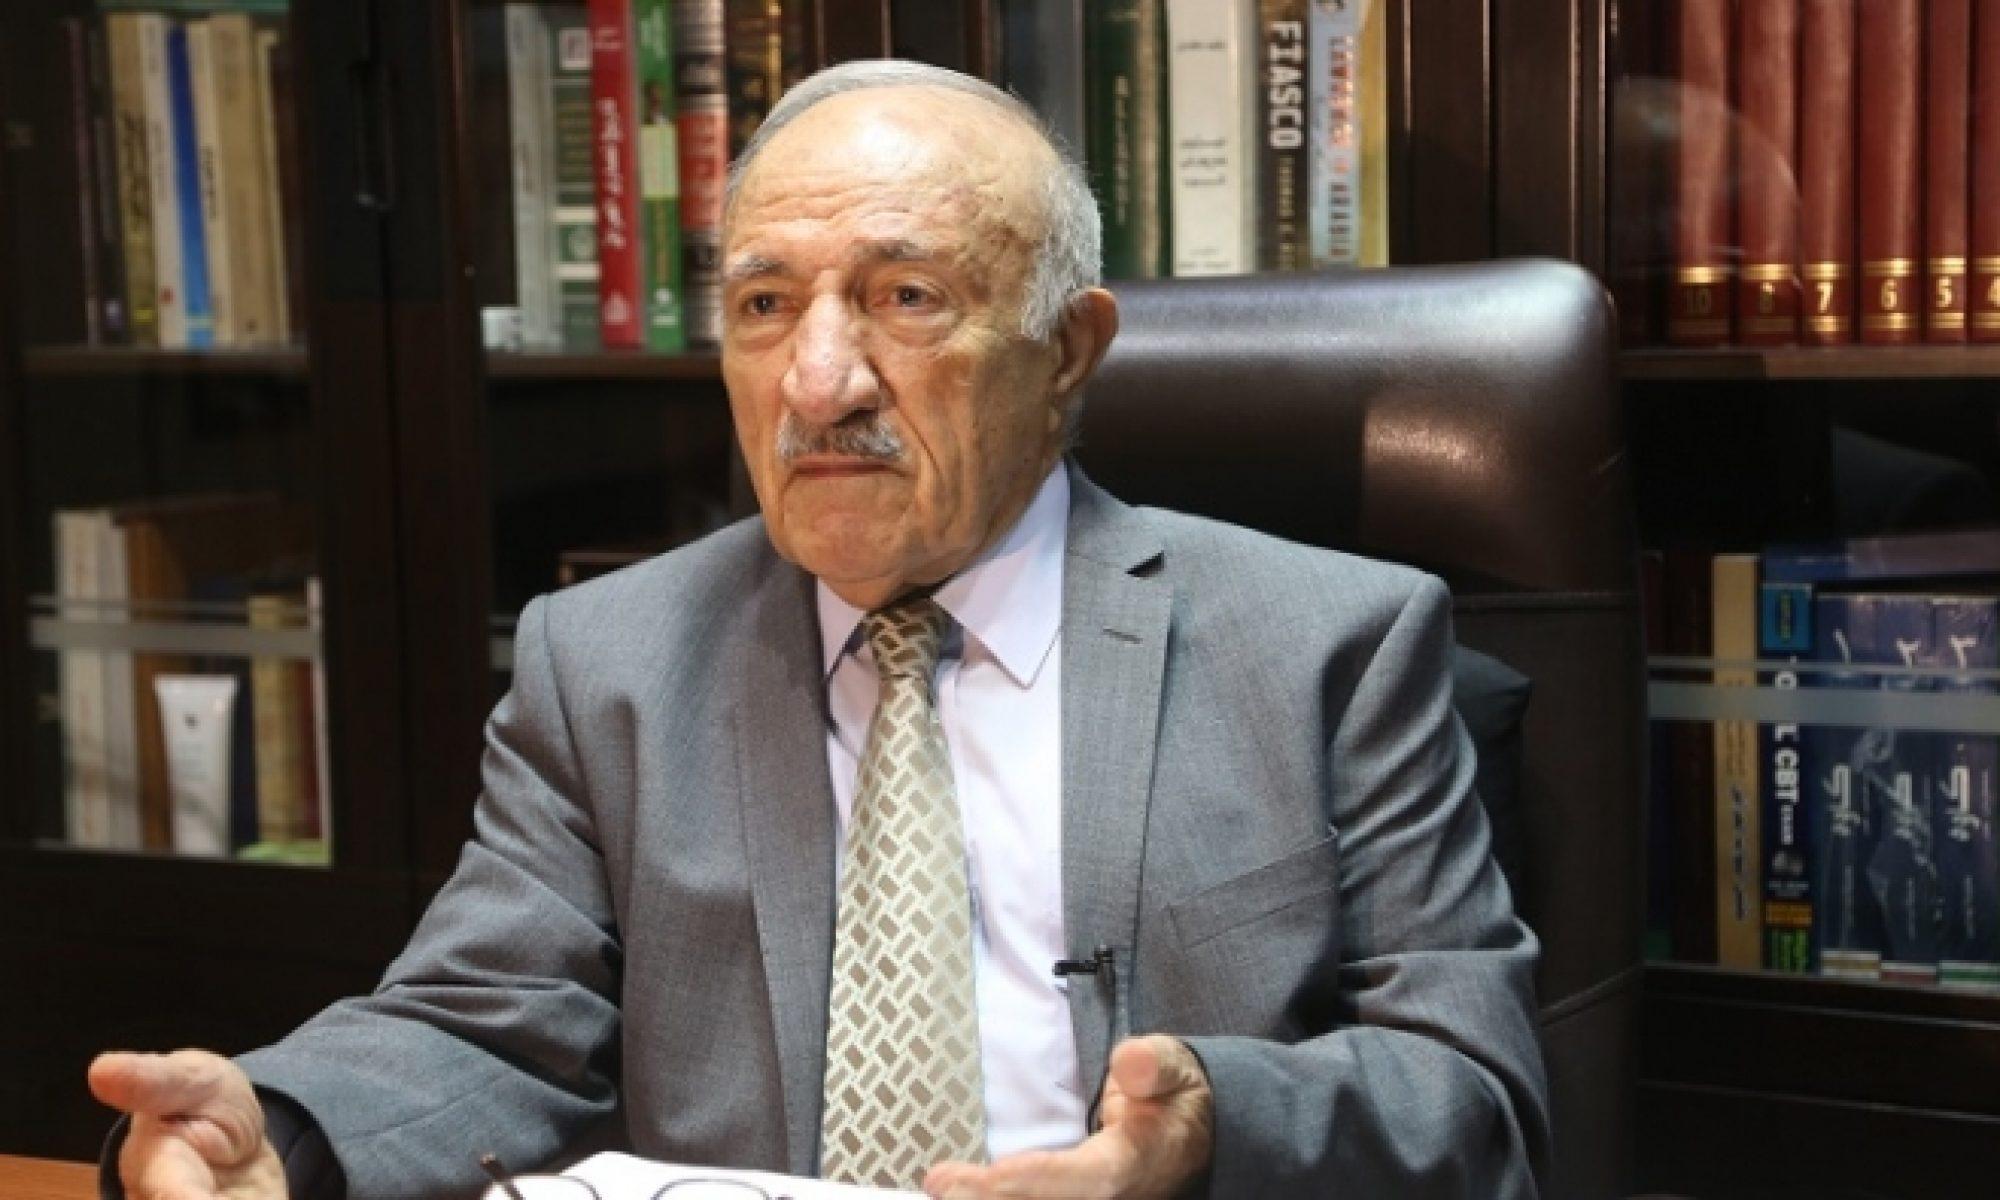 Barzani'ye dönük saldırılara Mahmut Osman'dan da cevap geldi: Kürdistanı savunduğu için hadef oluyor